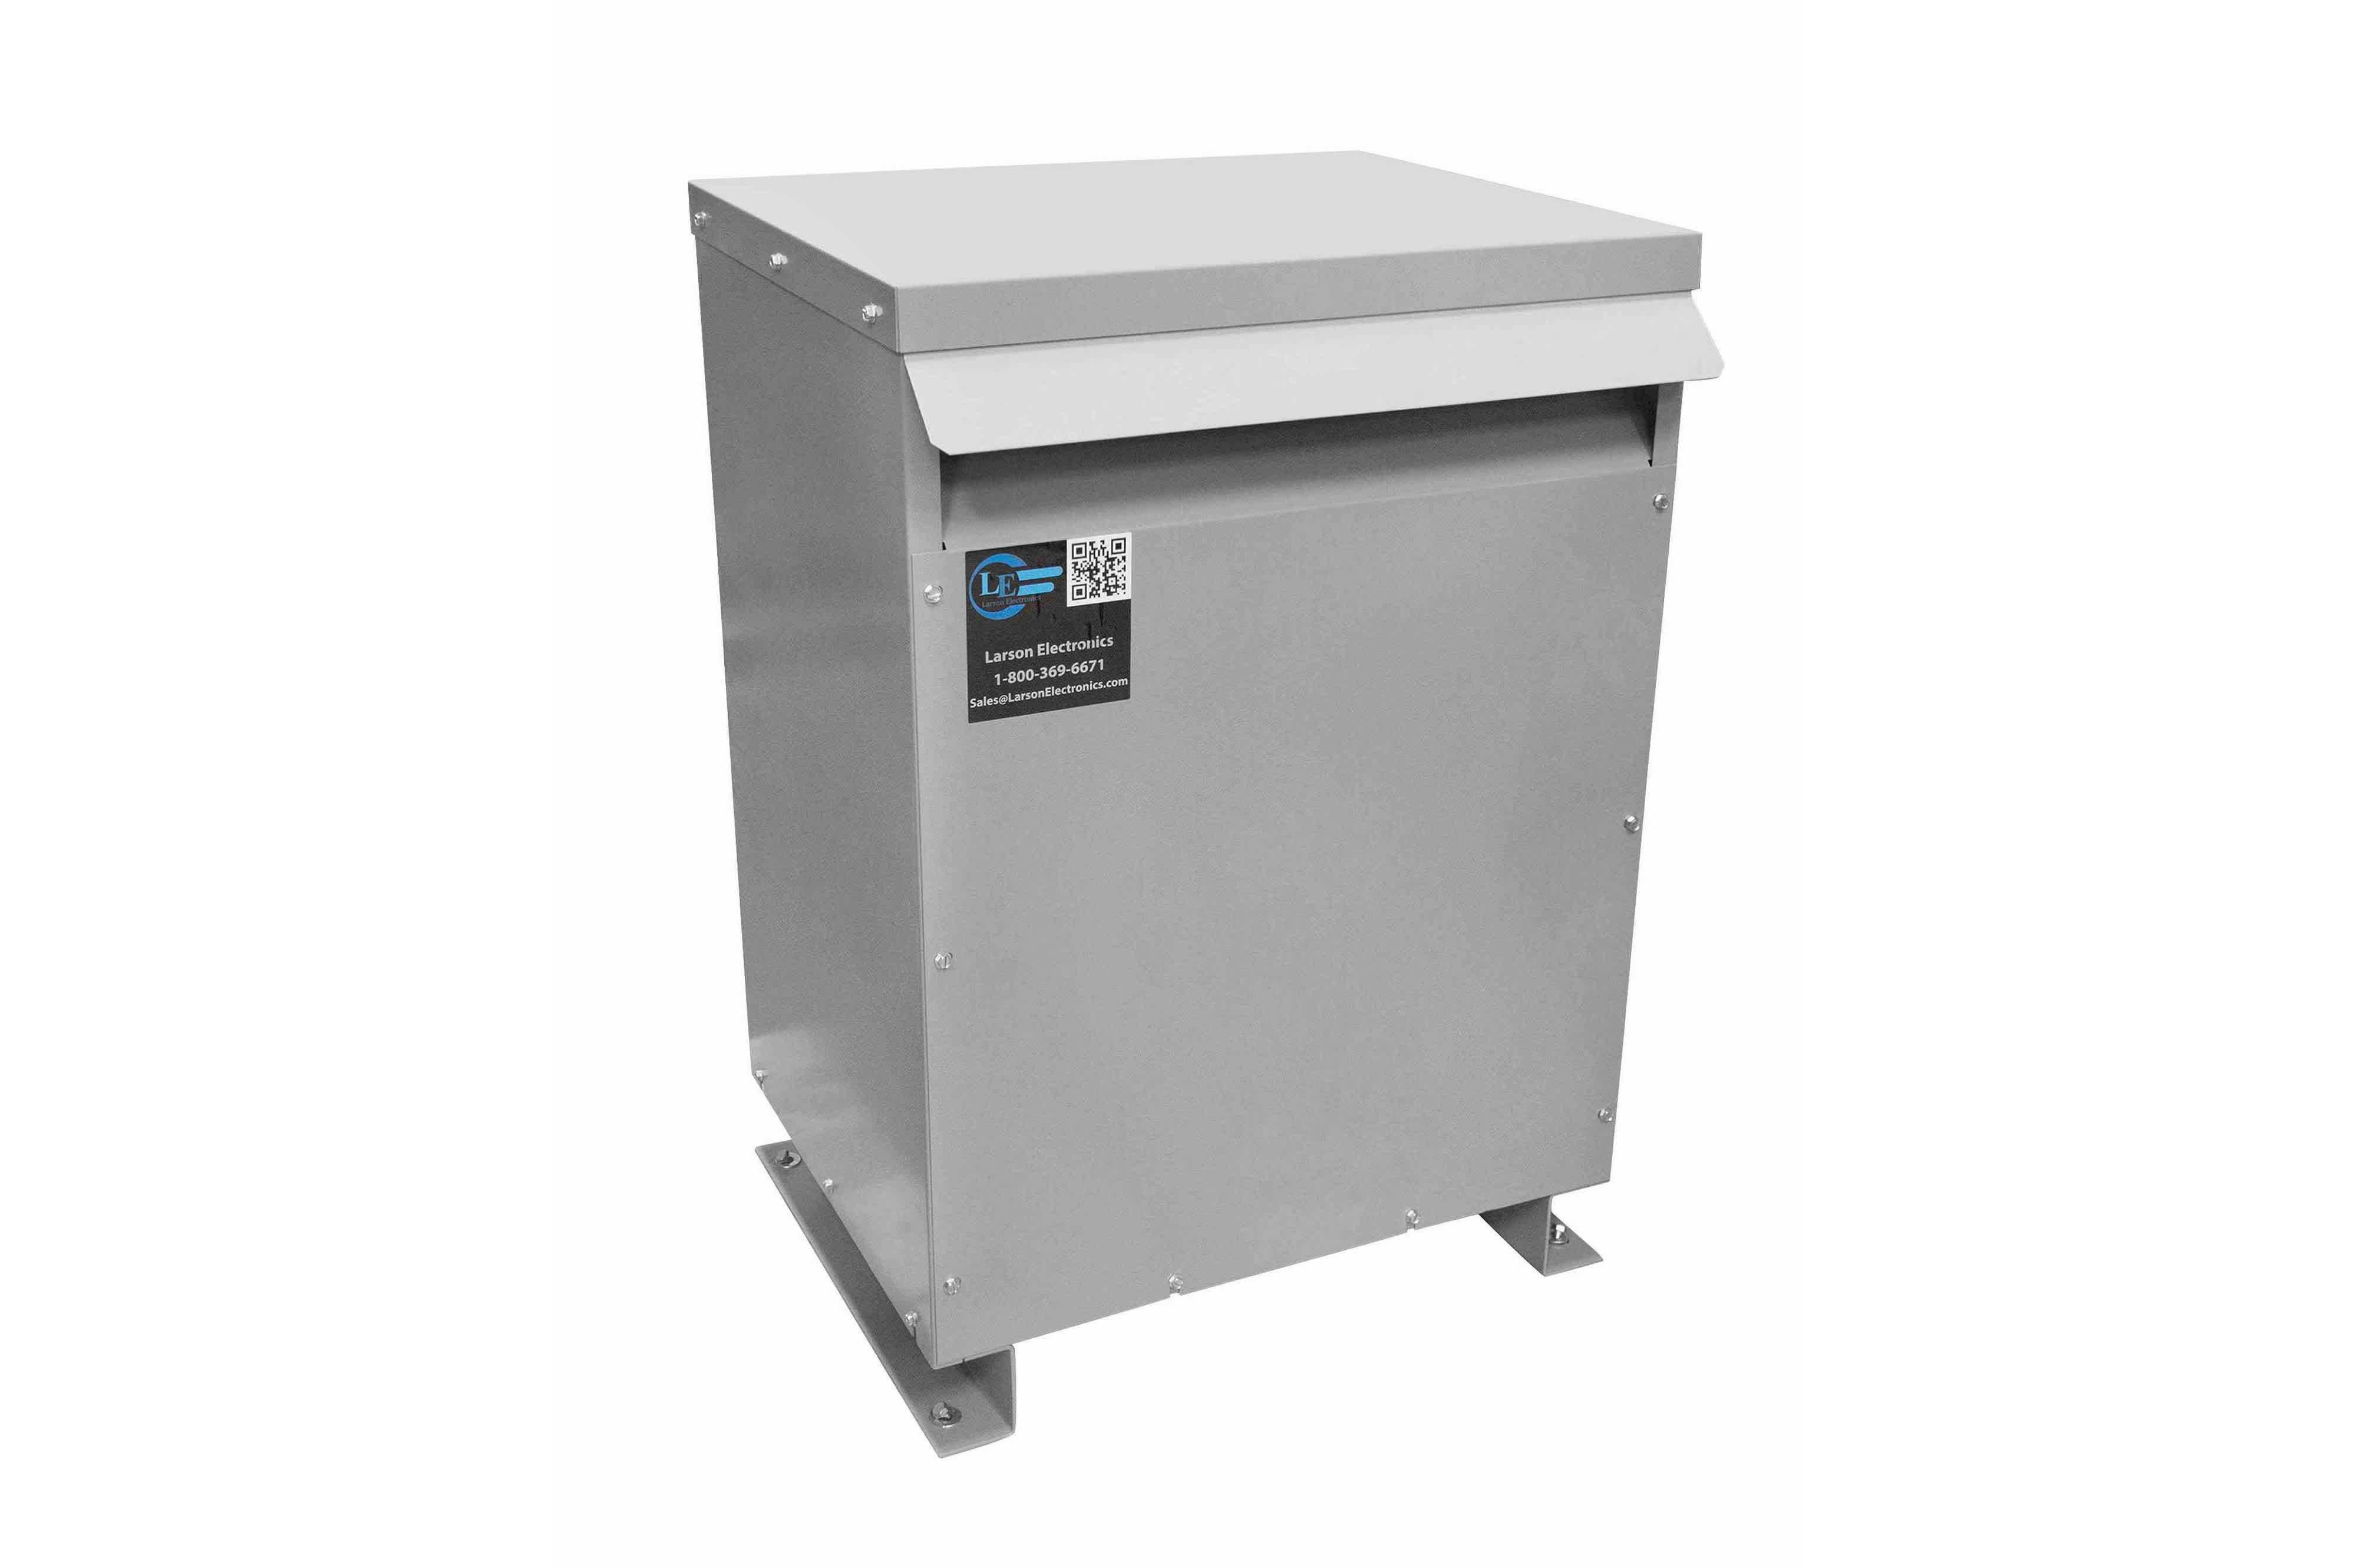 22.5 kVA 3PH Isolation Transformer, 460V Delta Primary, 208V Delta Secondary, N3R, Ventilated, 60 Hz